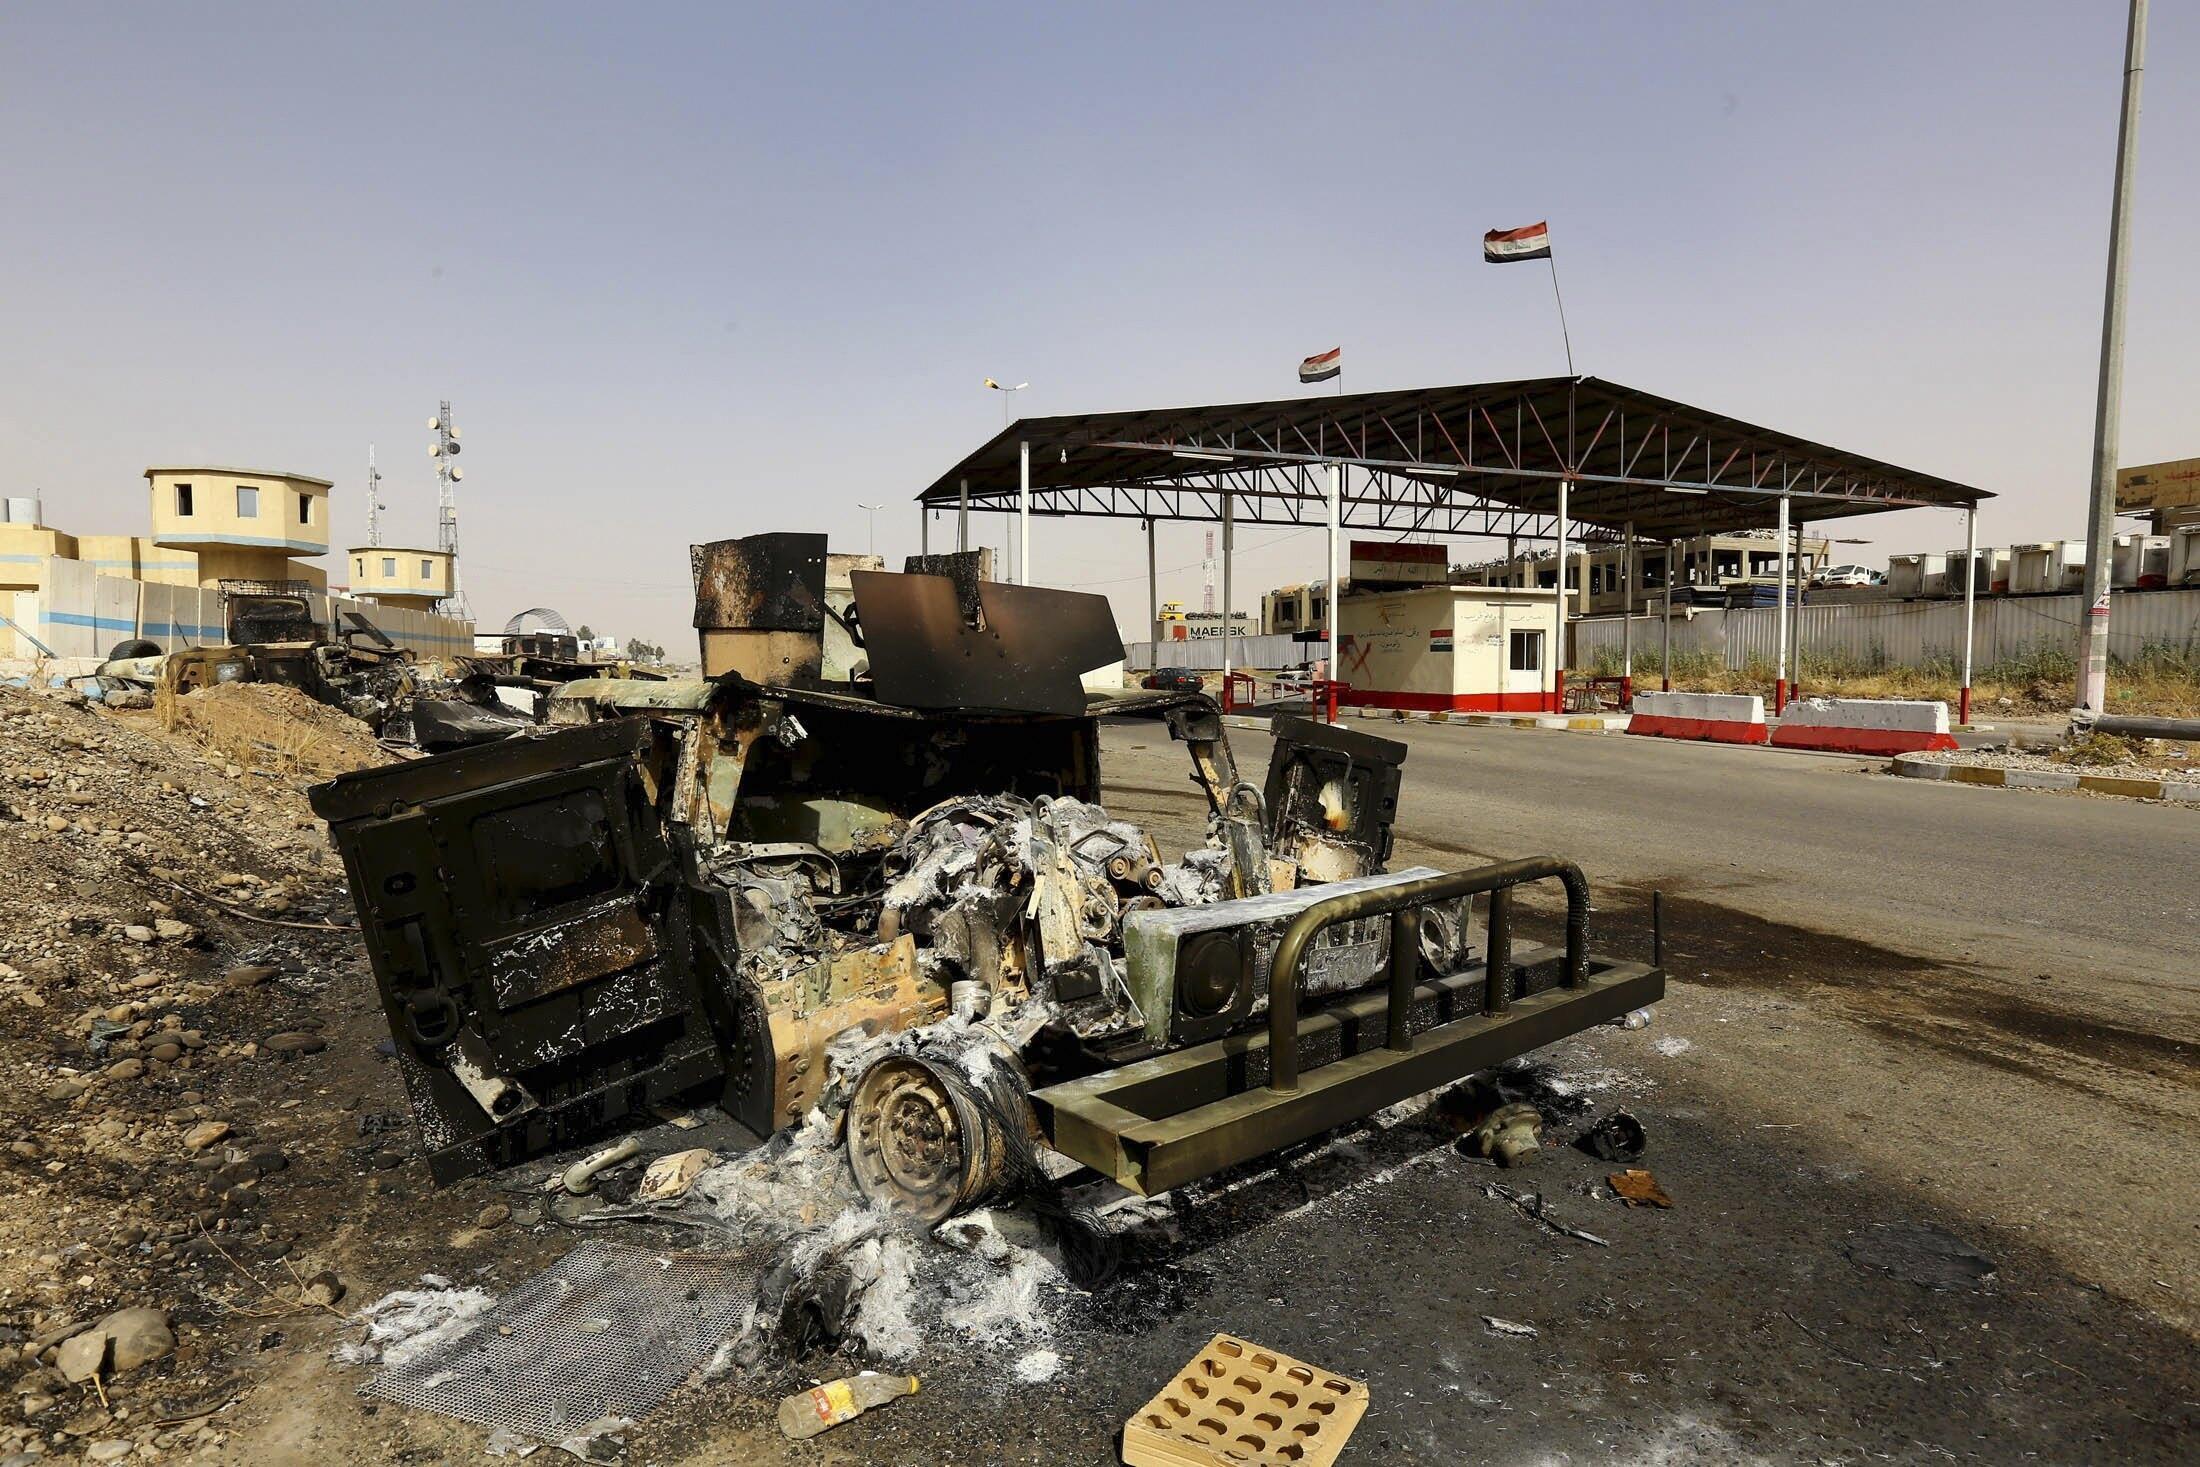 Автомобиль сил безопасности Ирака, сожженный боевиками ИГИЛ под Мосулом 11/06/2014 (архив)